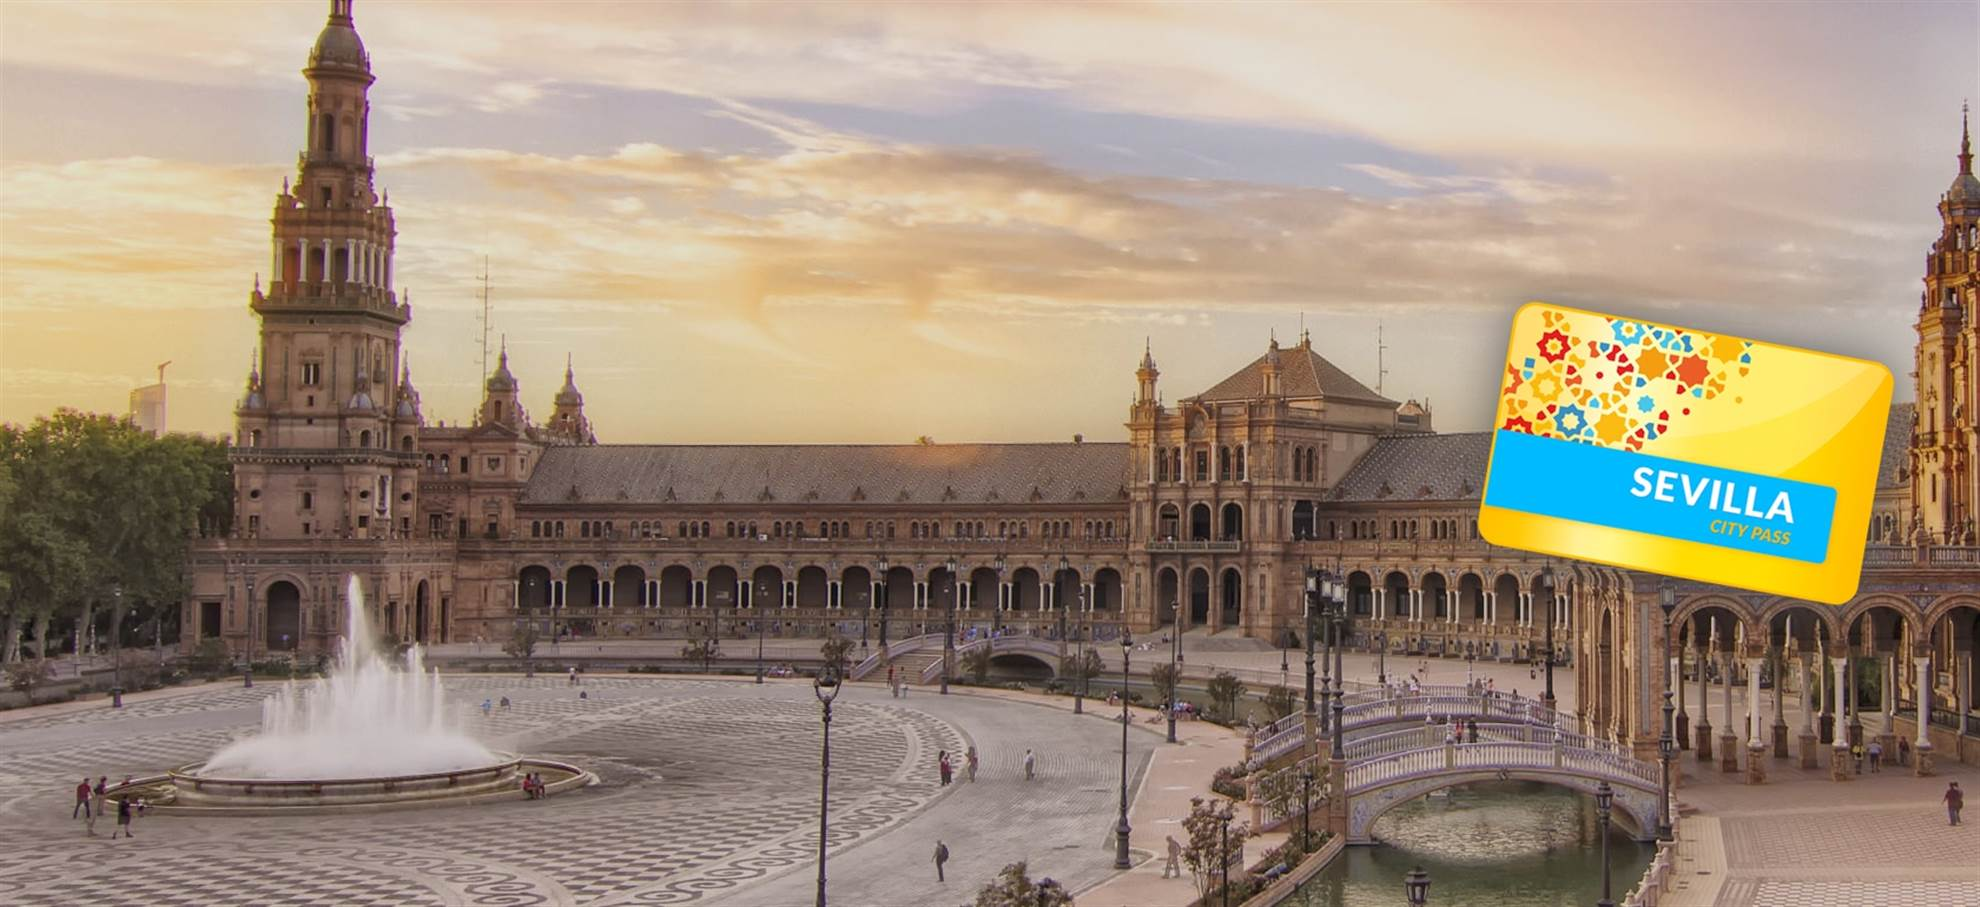 Sevilla City Pass (Koninklijk Paleis, Kathedraal)